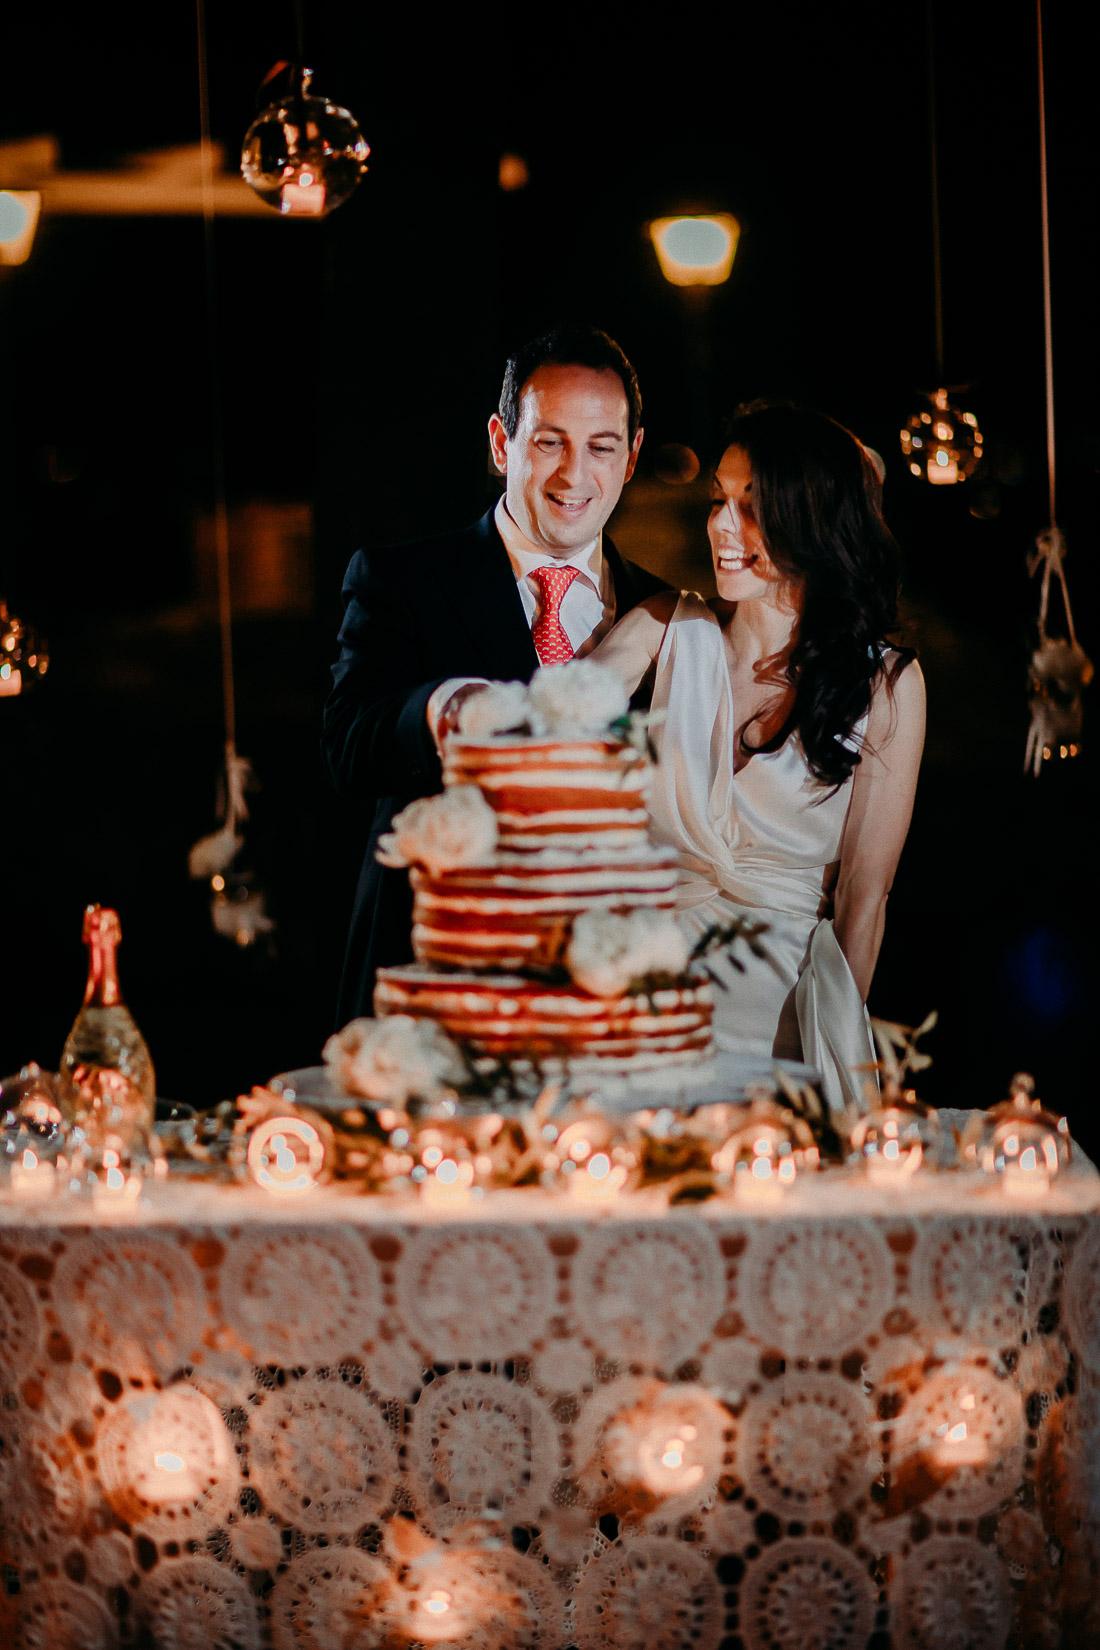 Castle Rosciano castello wedding matrimonio fotografo 067.jpg